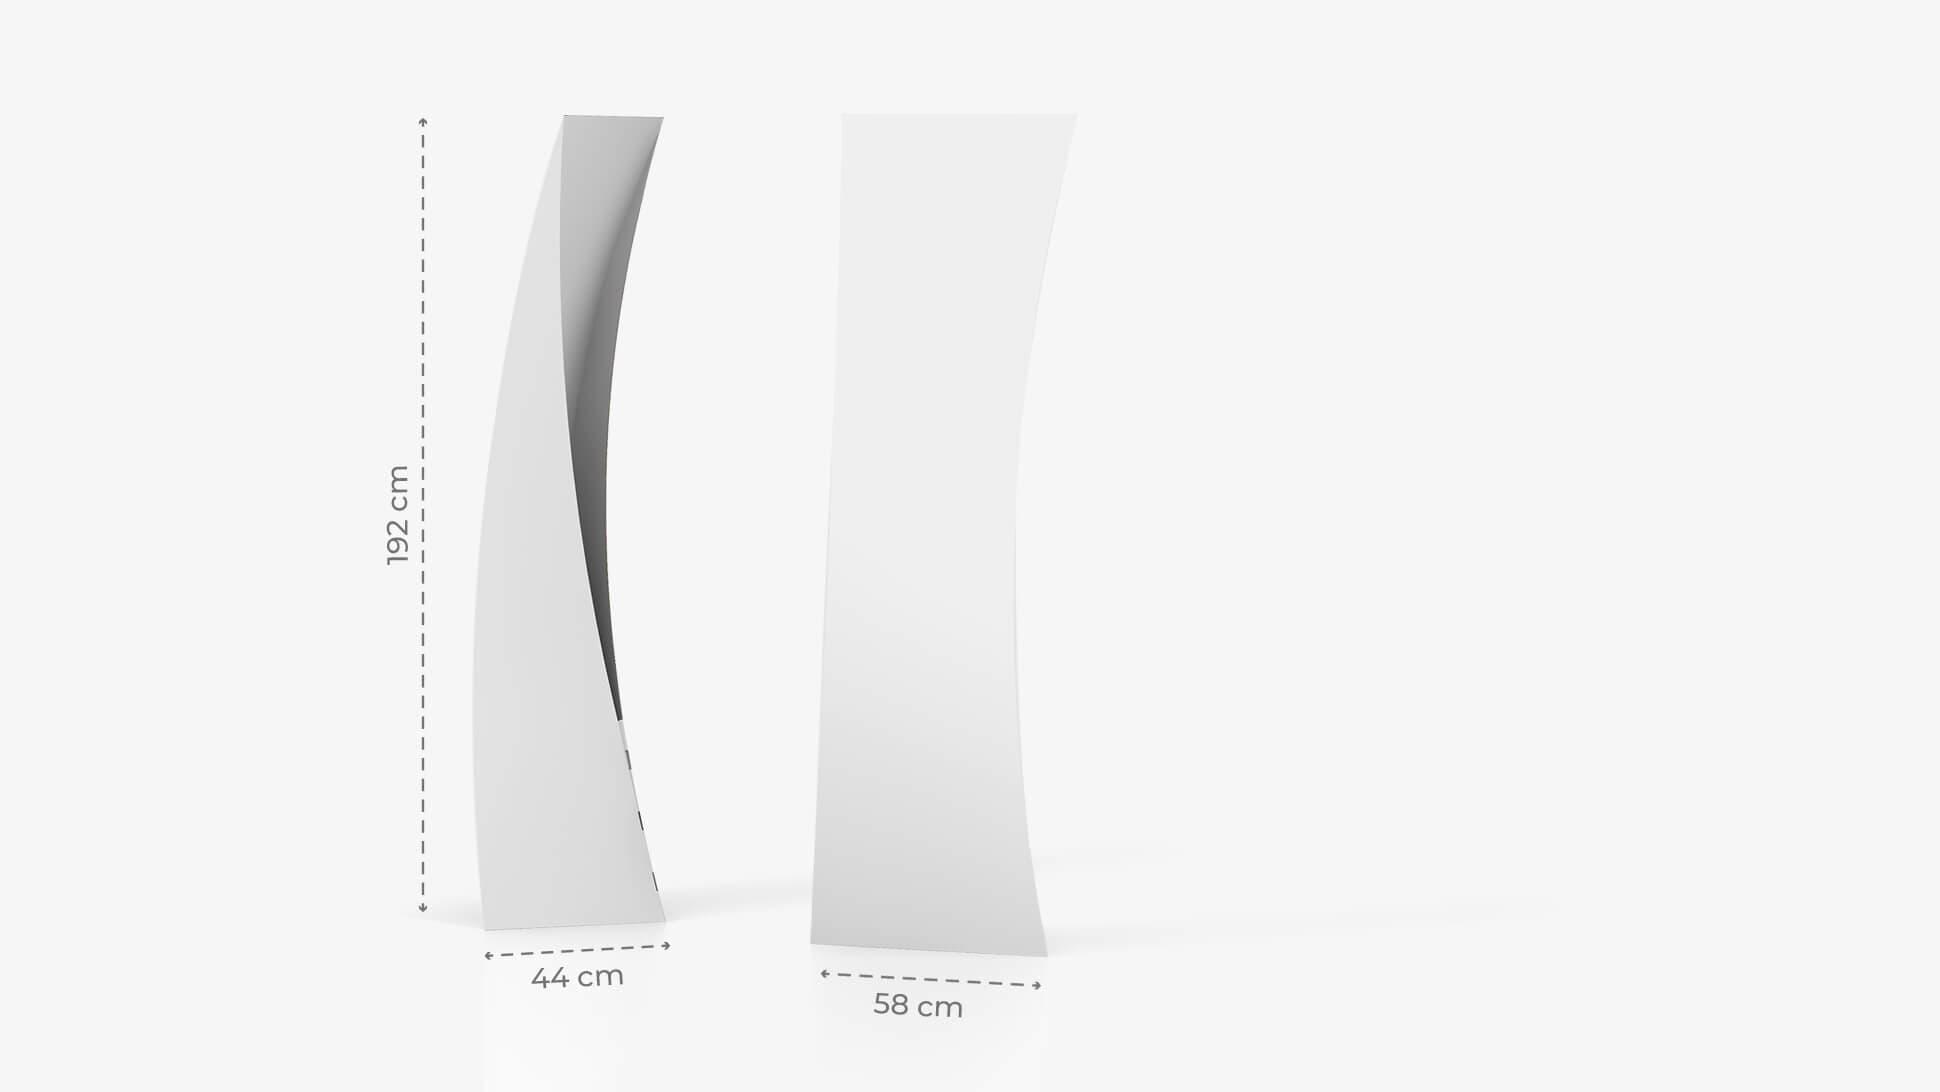 Totem pubblicitario personalizzato 192x58cm | tictac.it